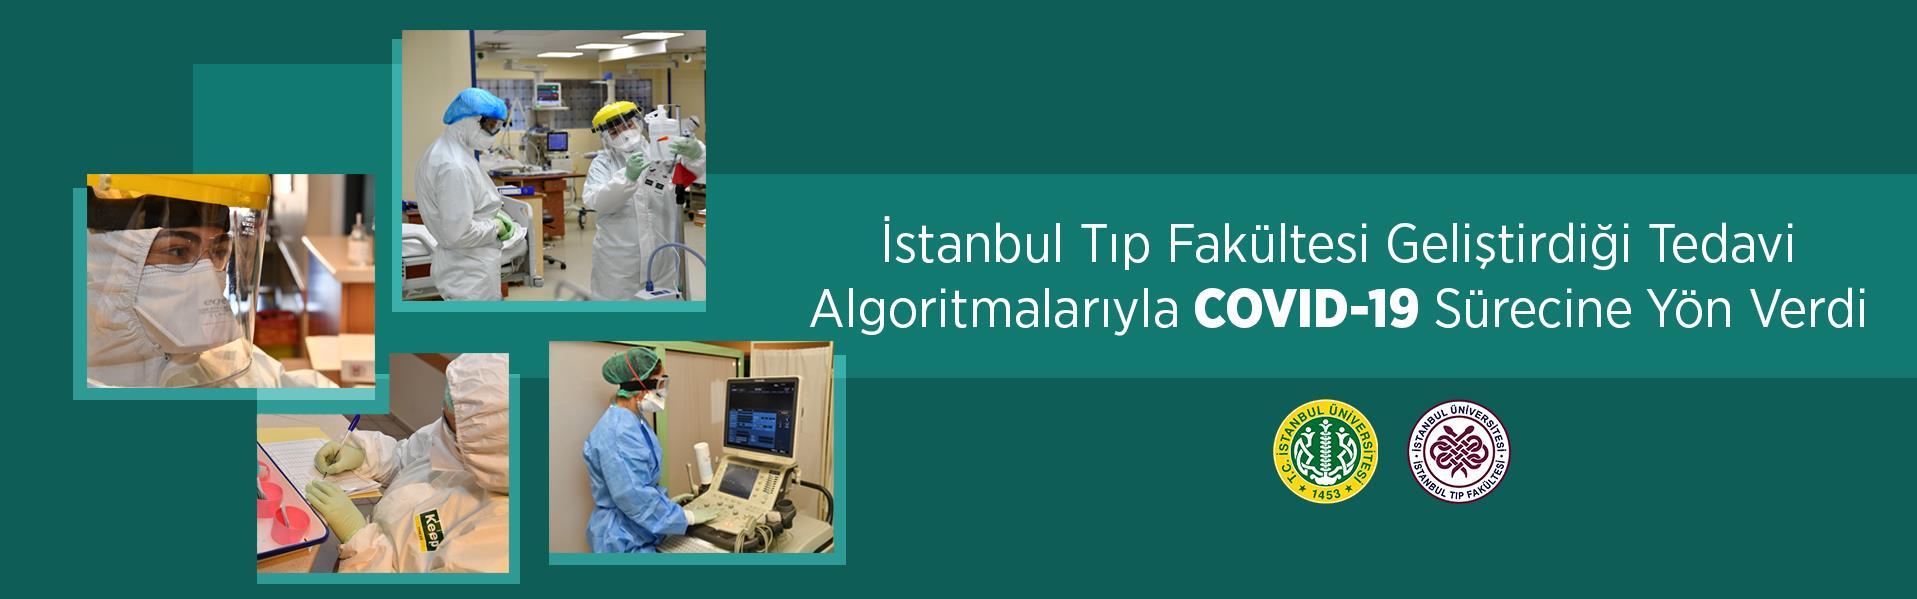 İstanbul-Tıp-Fakültesi COVID-19 Algoritma Başarı